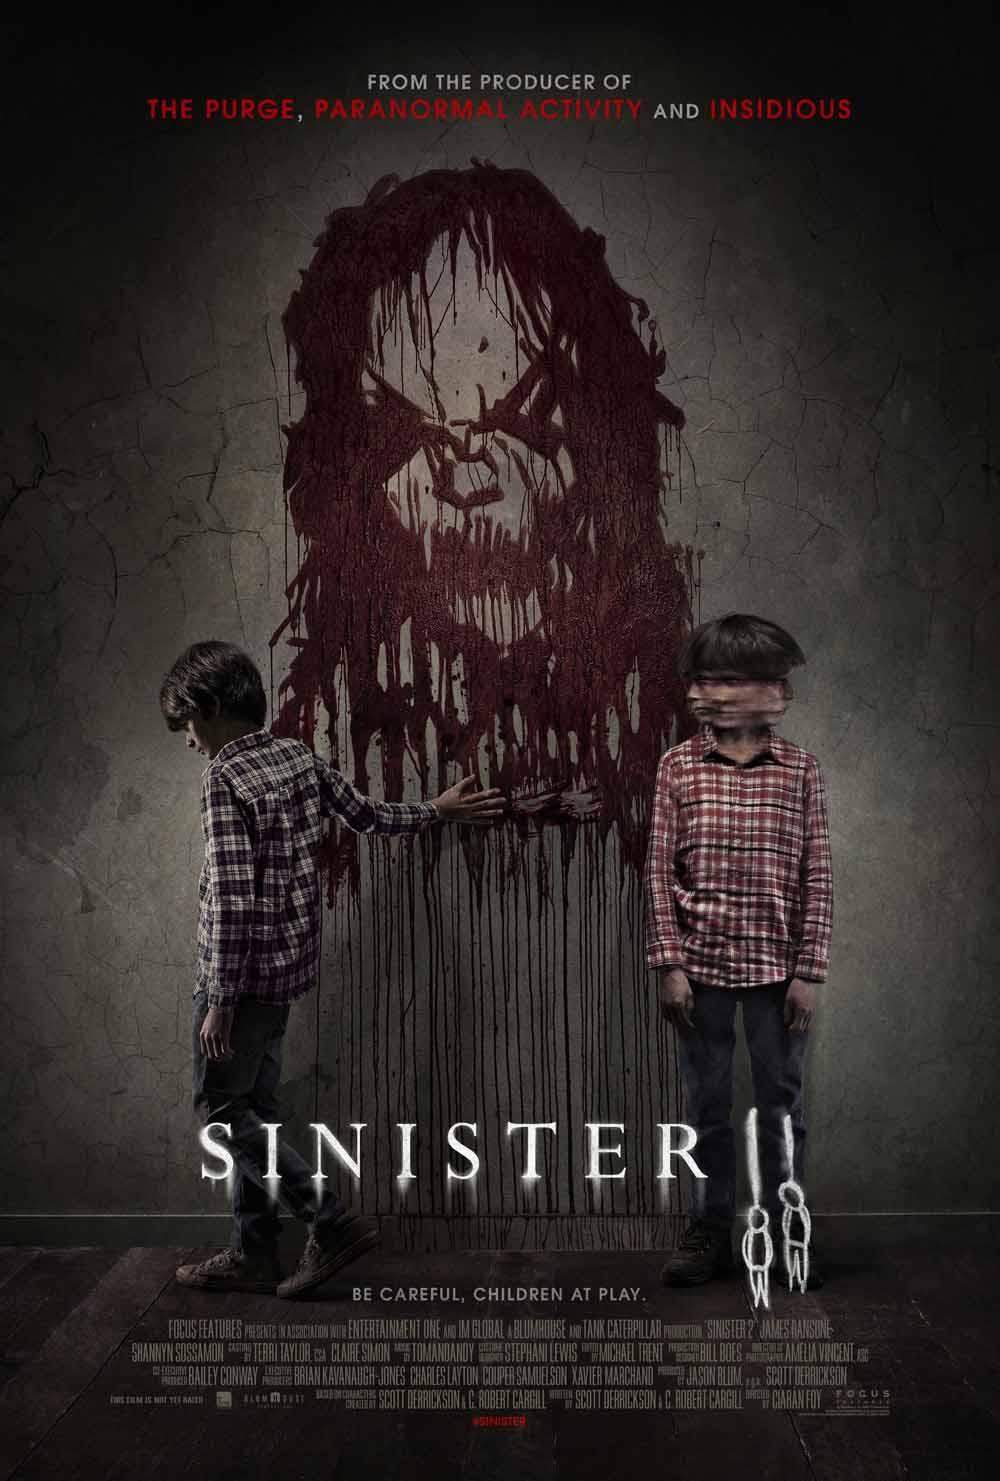 Sinister 2 (2015) Full Movie Poster